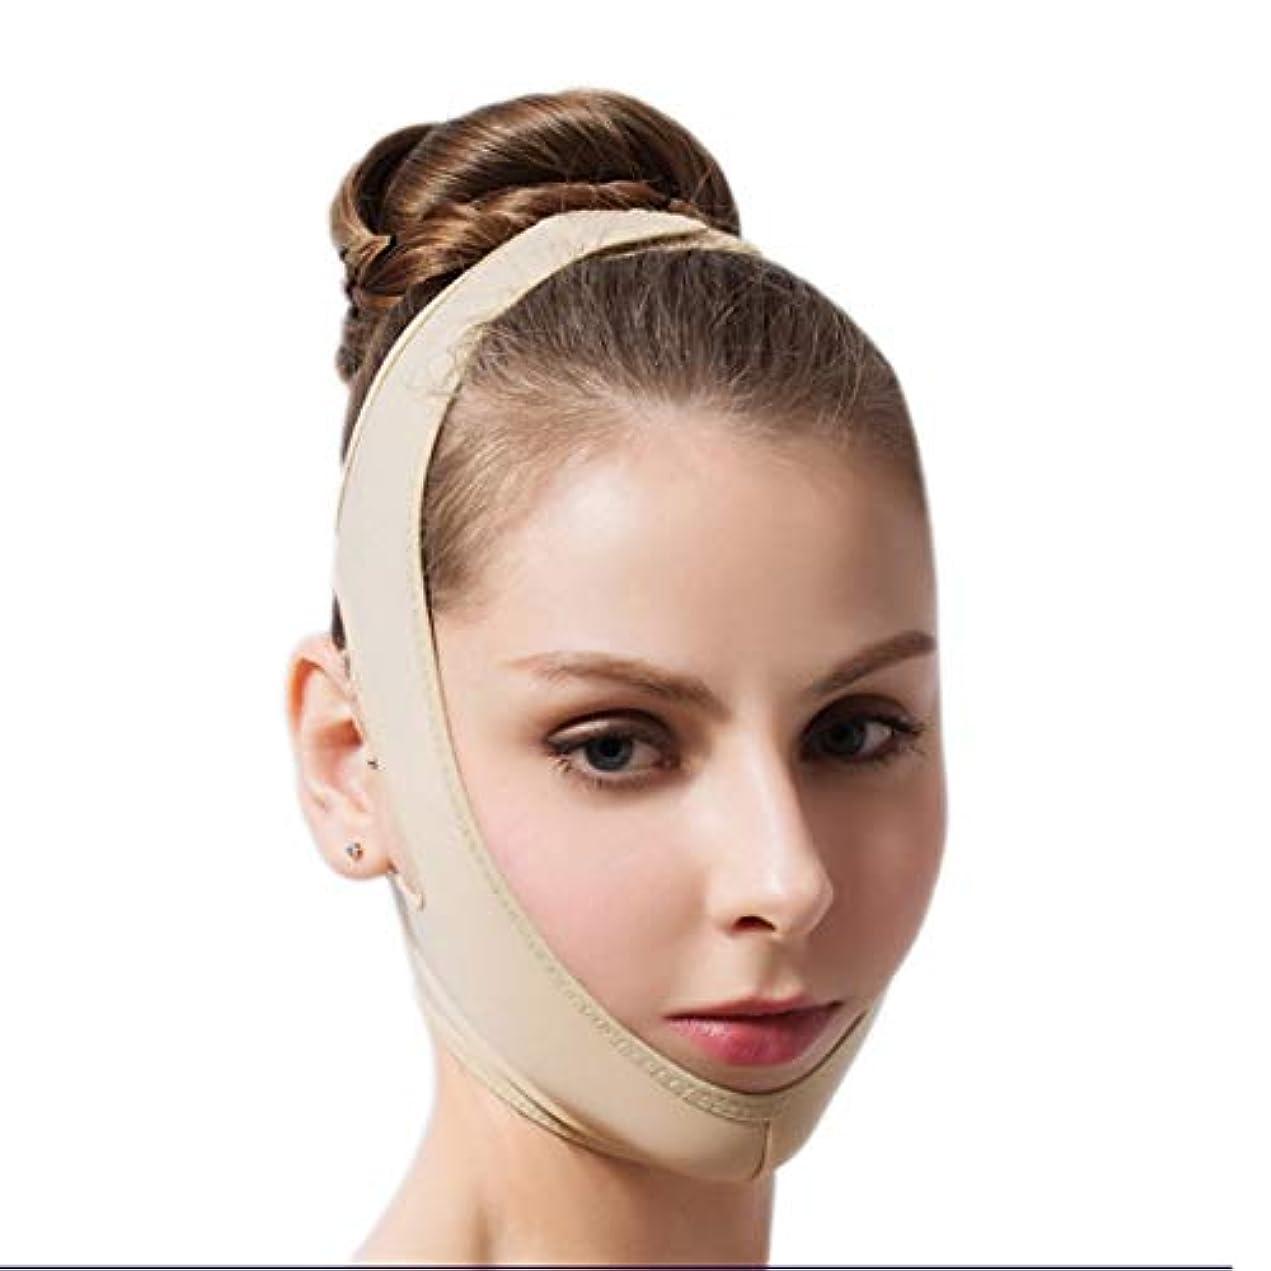 ブレーク危険な私たちZWBD フェイスマスク, フェイスリフト包帯V整形術後回復包帯医療グレードマスクバンドルジョー二重あご (Size : L)